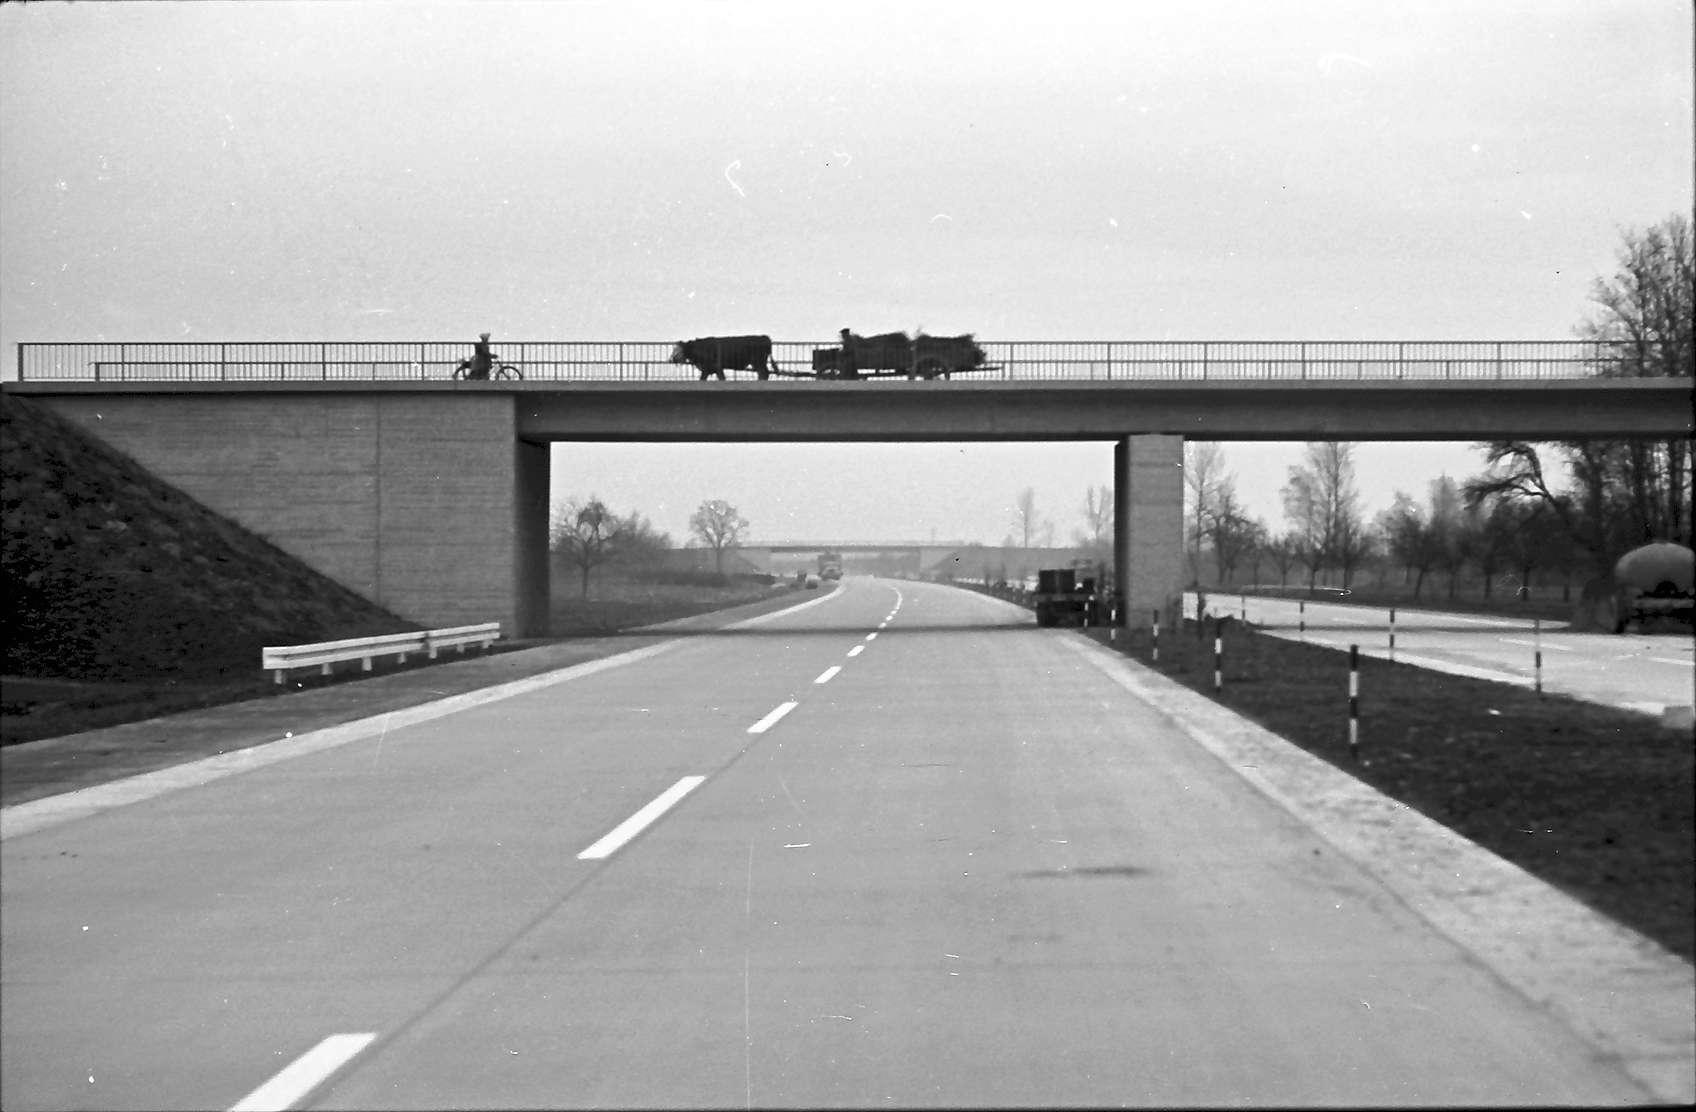 Achern: Ochsenkarren und Radfahrer auf Autobahnbrücke, Bild 1